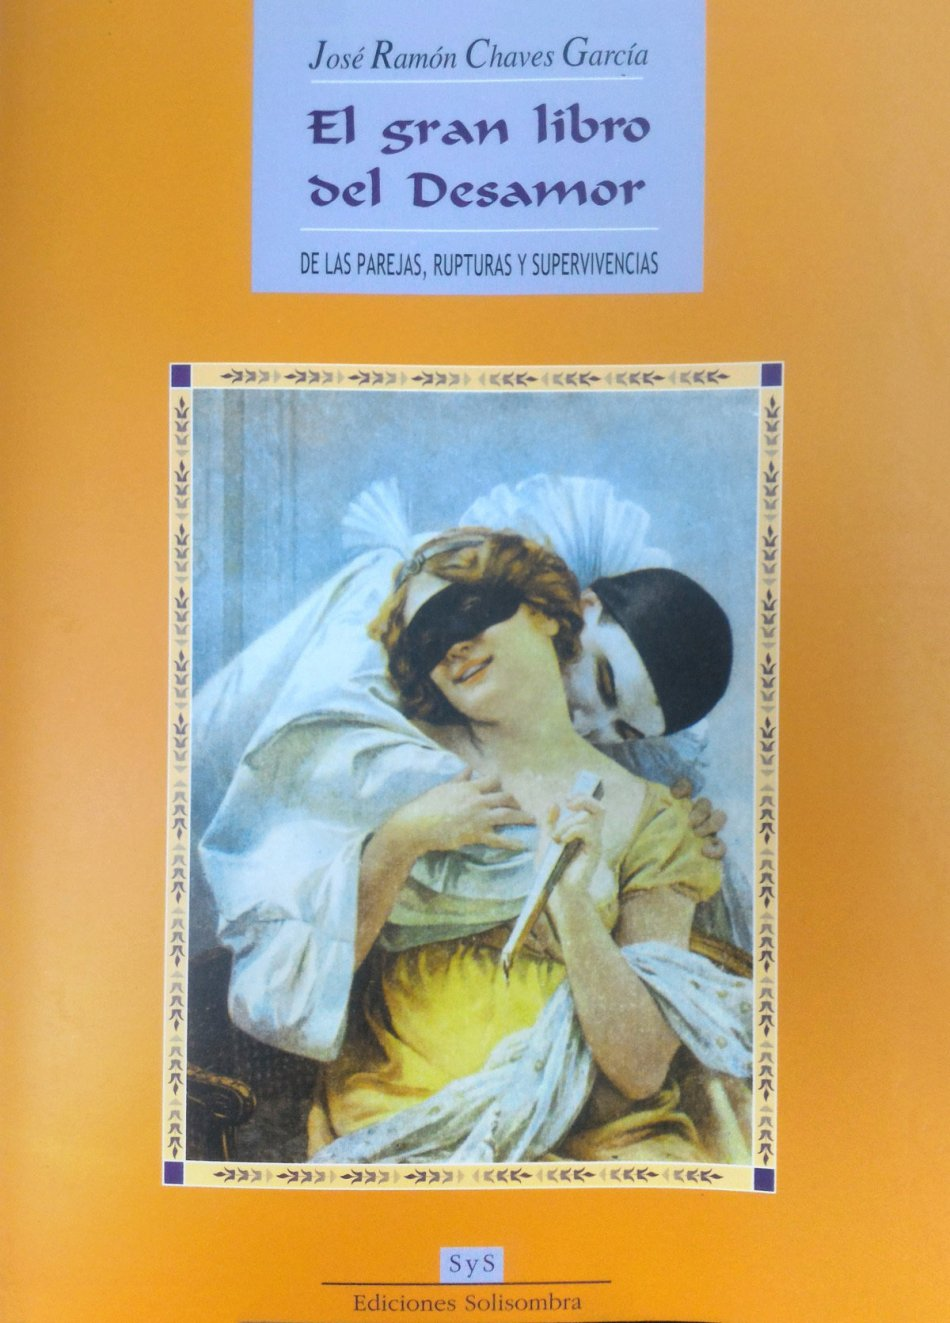 El Gran Libro del Desamor 84-605-9981-7